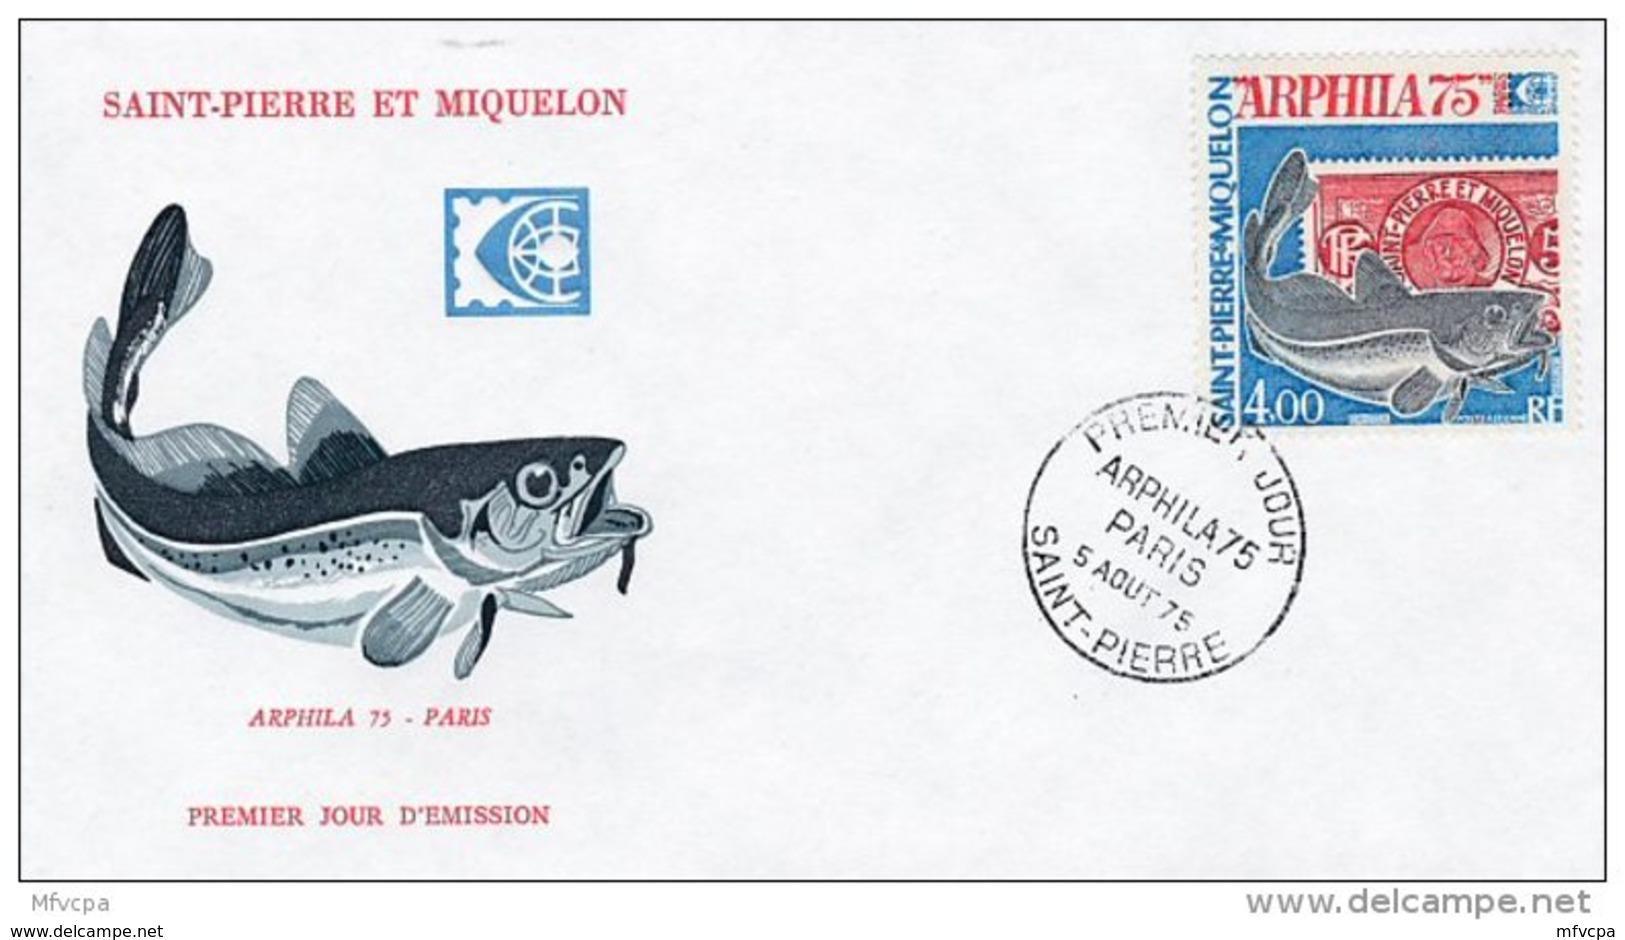 L4N191 SAINT-PIERRE ET MIQUELON 1975 FDC Arphila 75 4,00f  Saint-Pierre 05 08 1975 / Envel.  Illus. - FDC